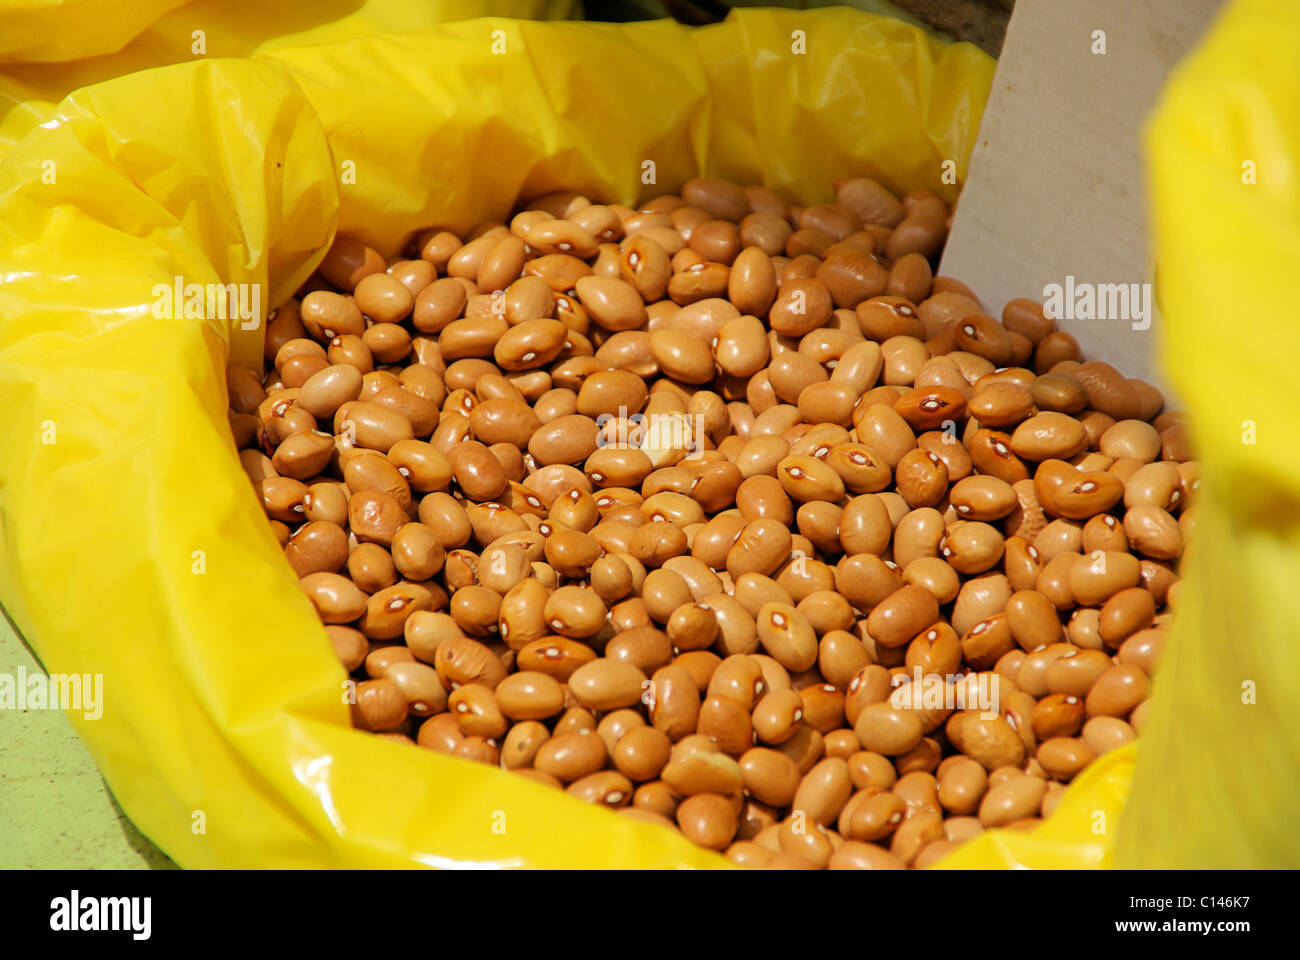 Feuerbohne - runner bean 05 - Stock Image